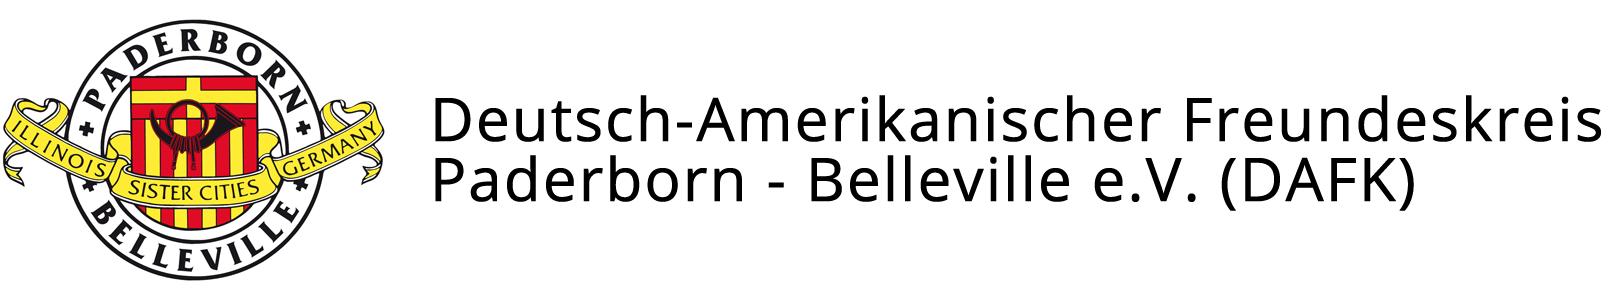 Deutsch-Amerikanischer Freundeskreis Paderborn – Belleville e.V.